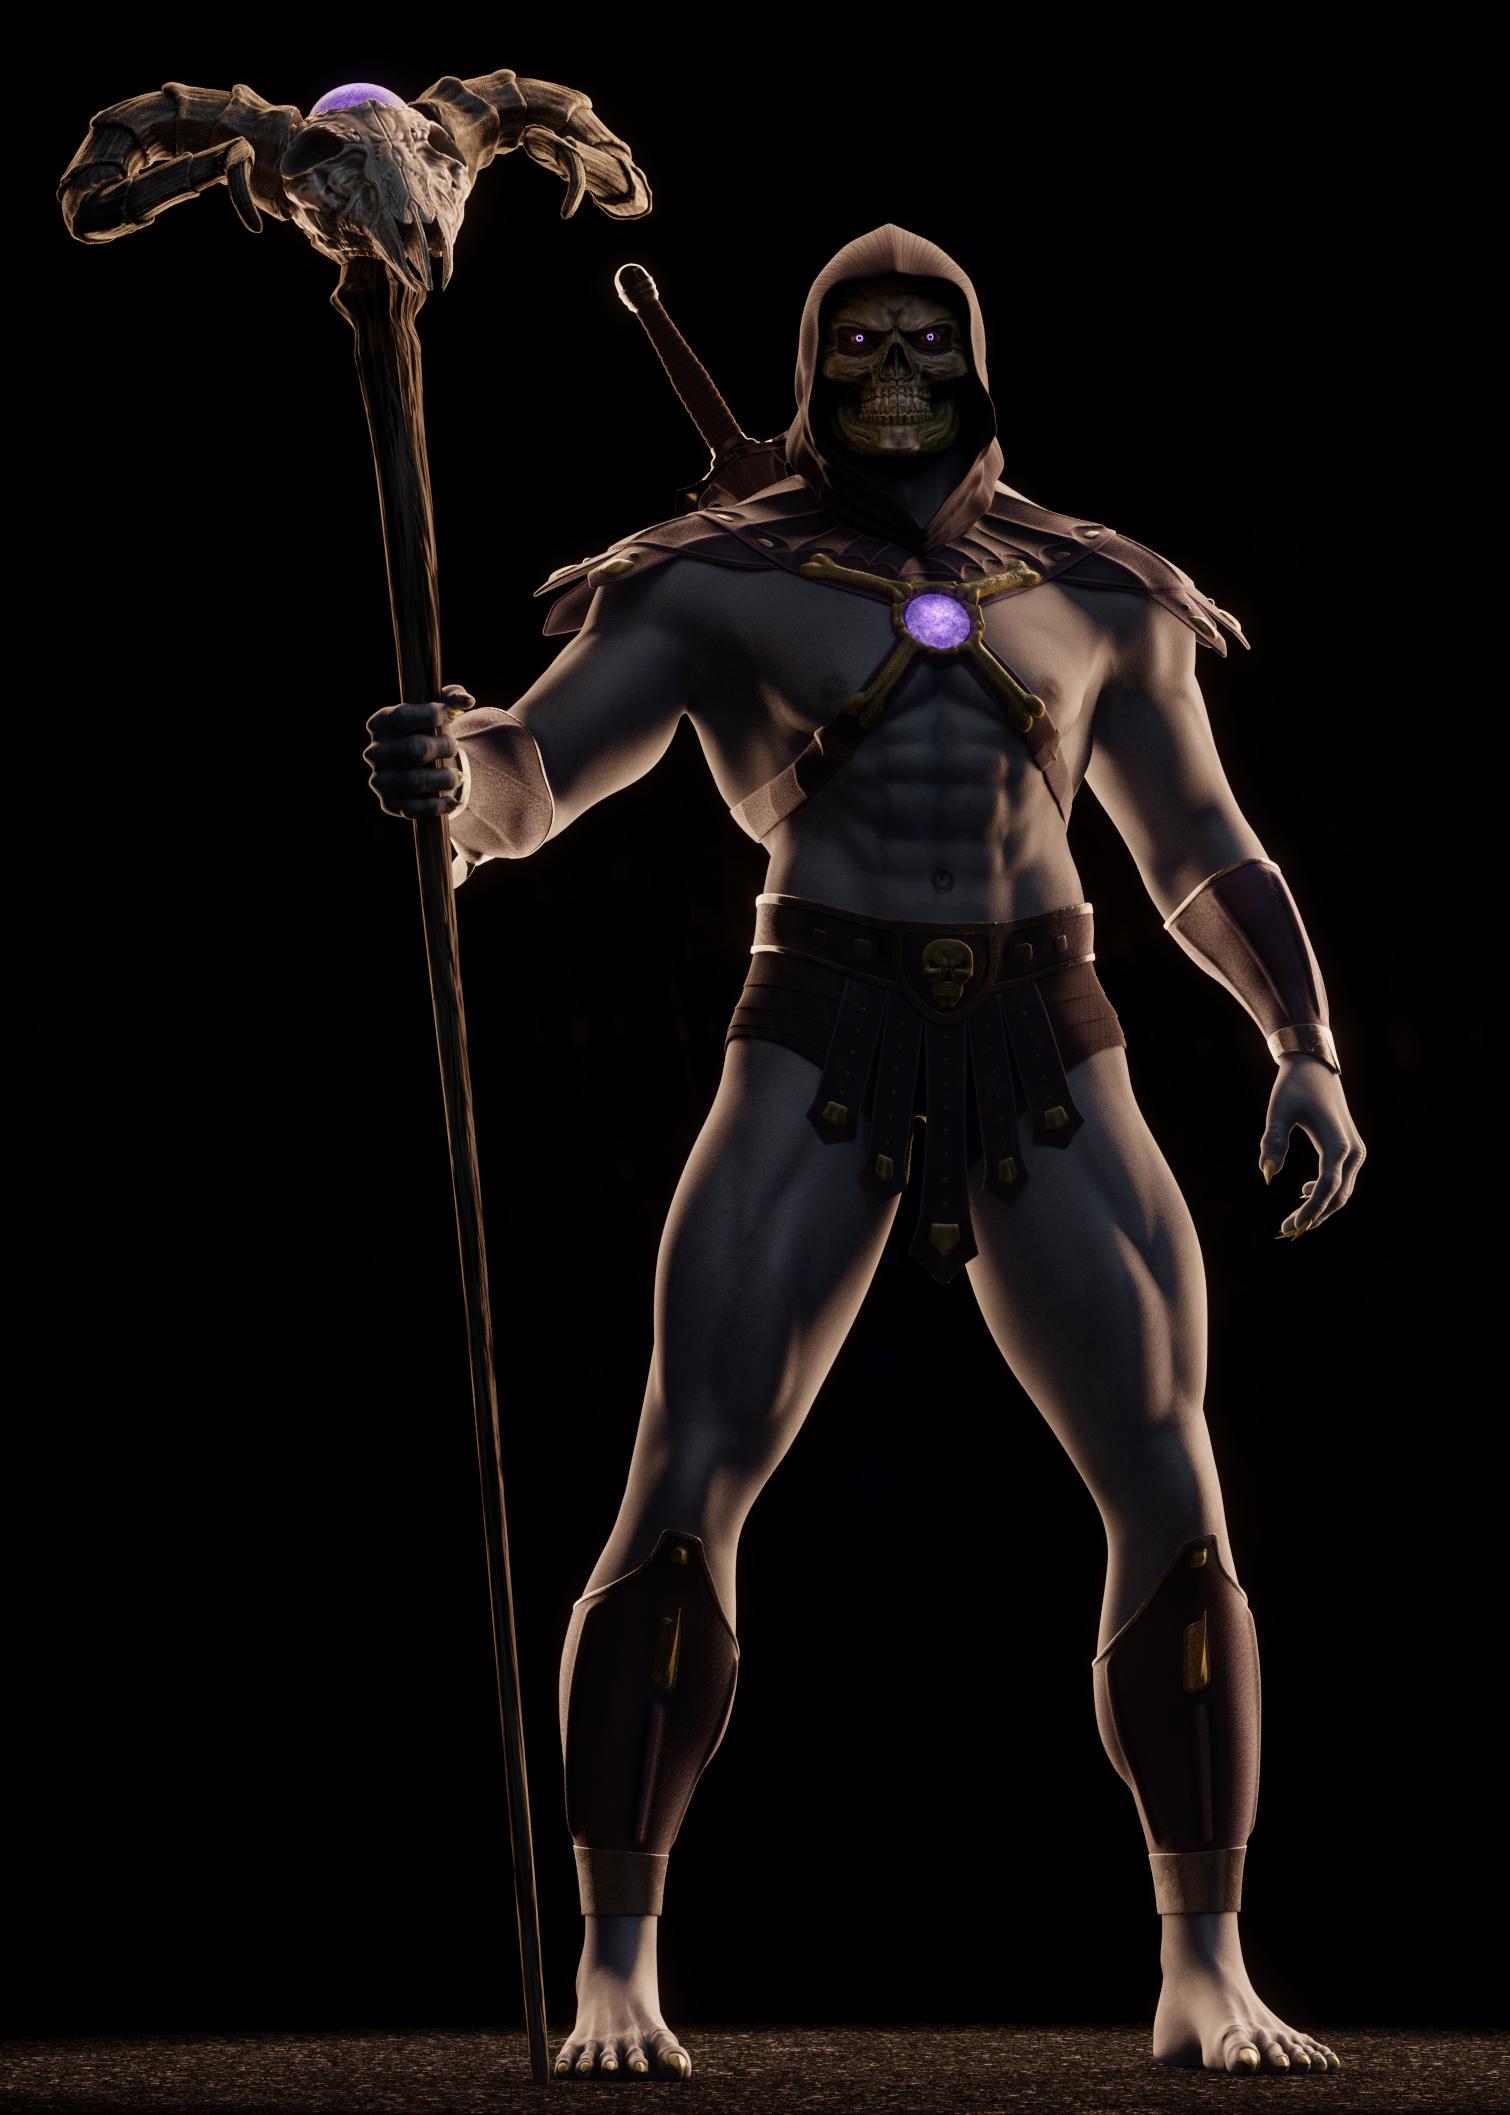 MOTU - Skeletor III - 3 by paulrich